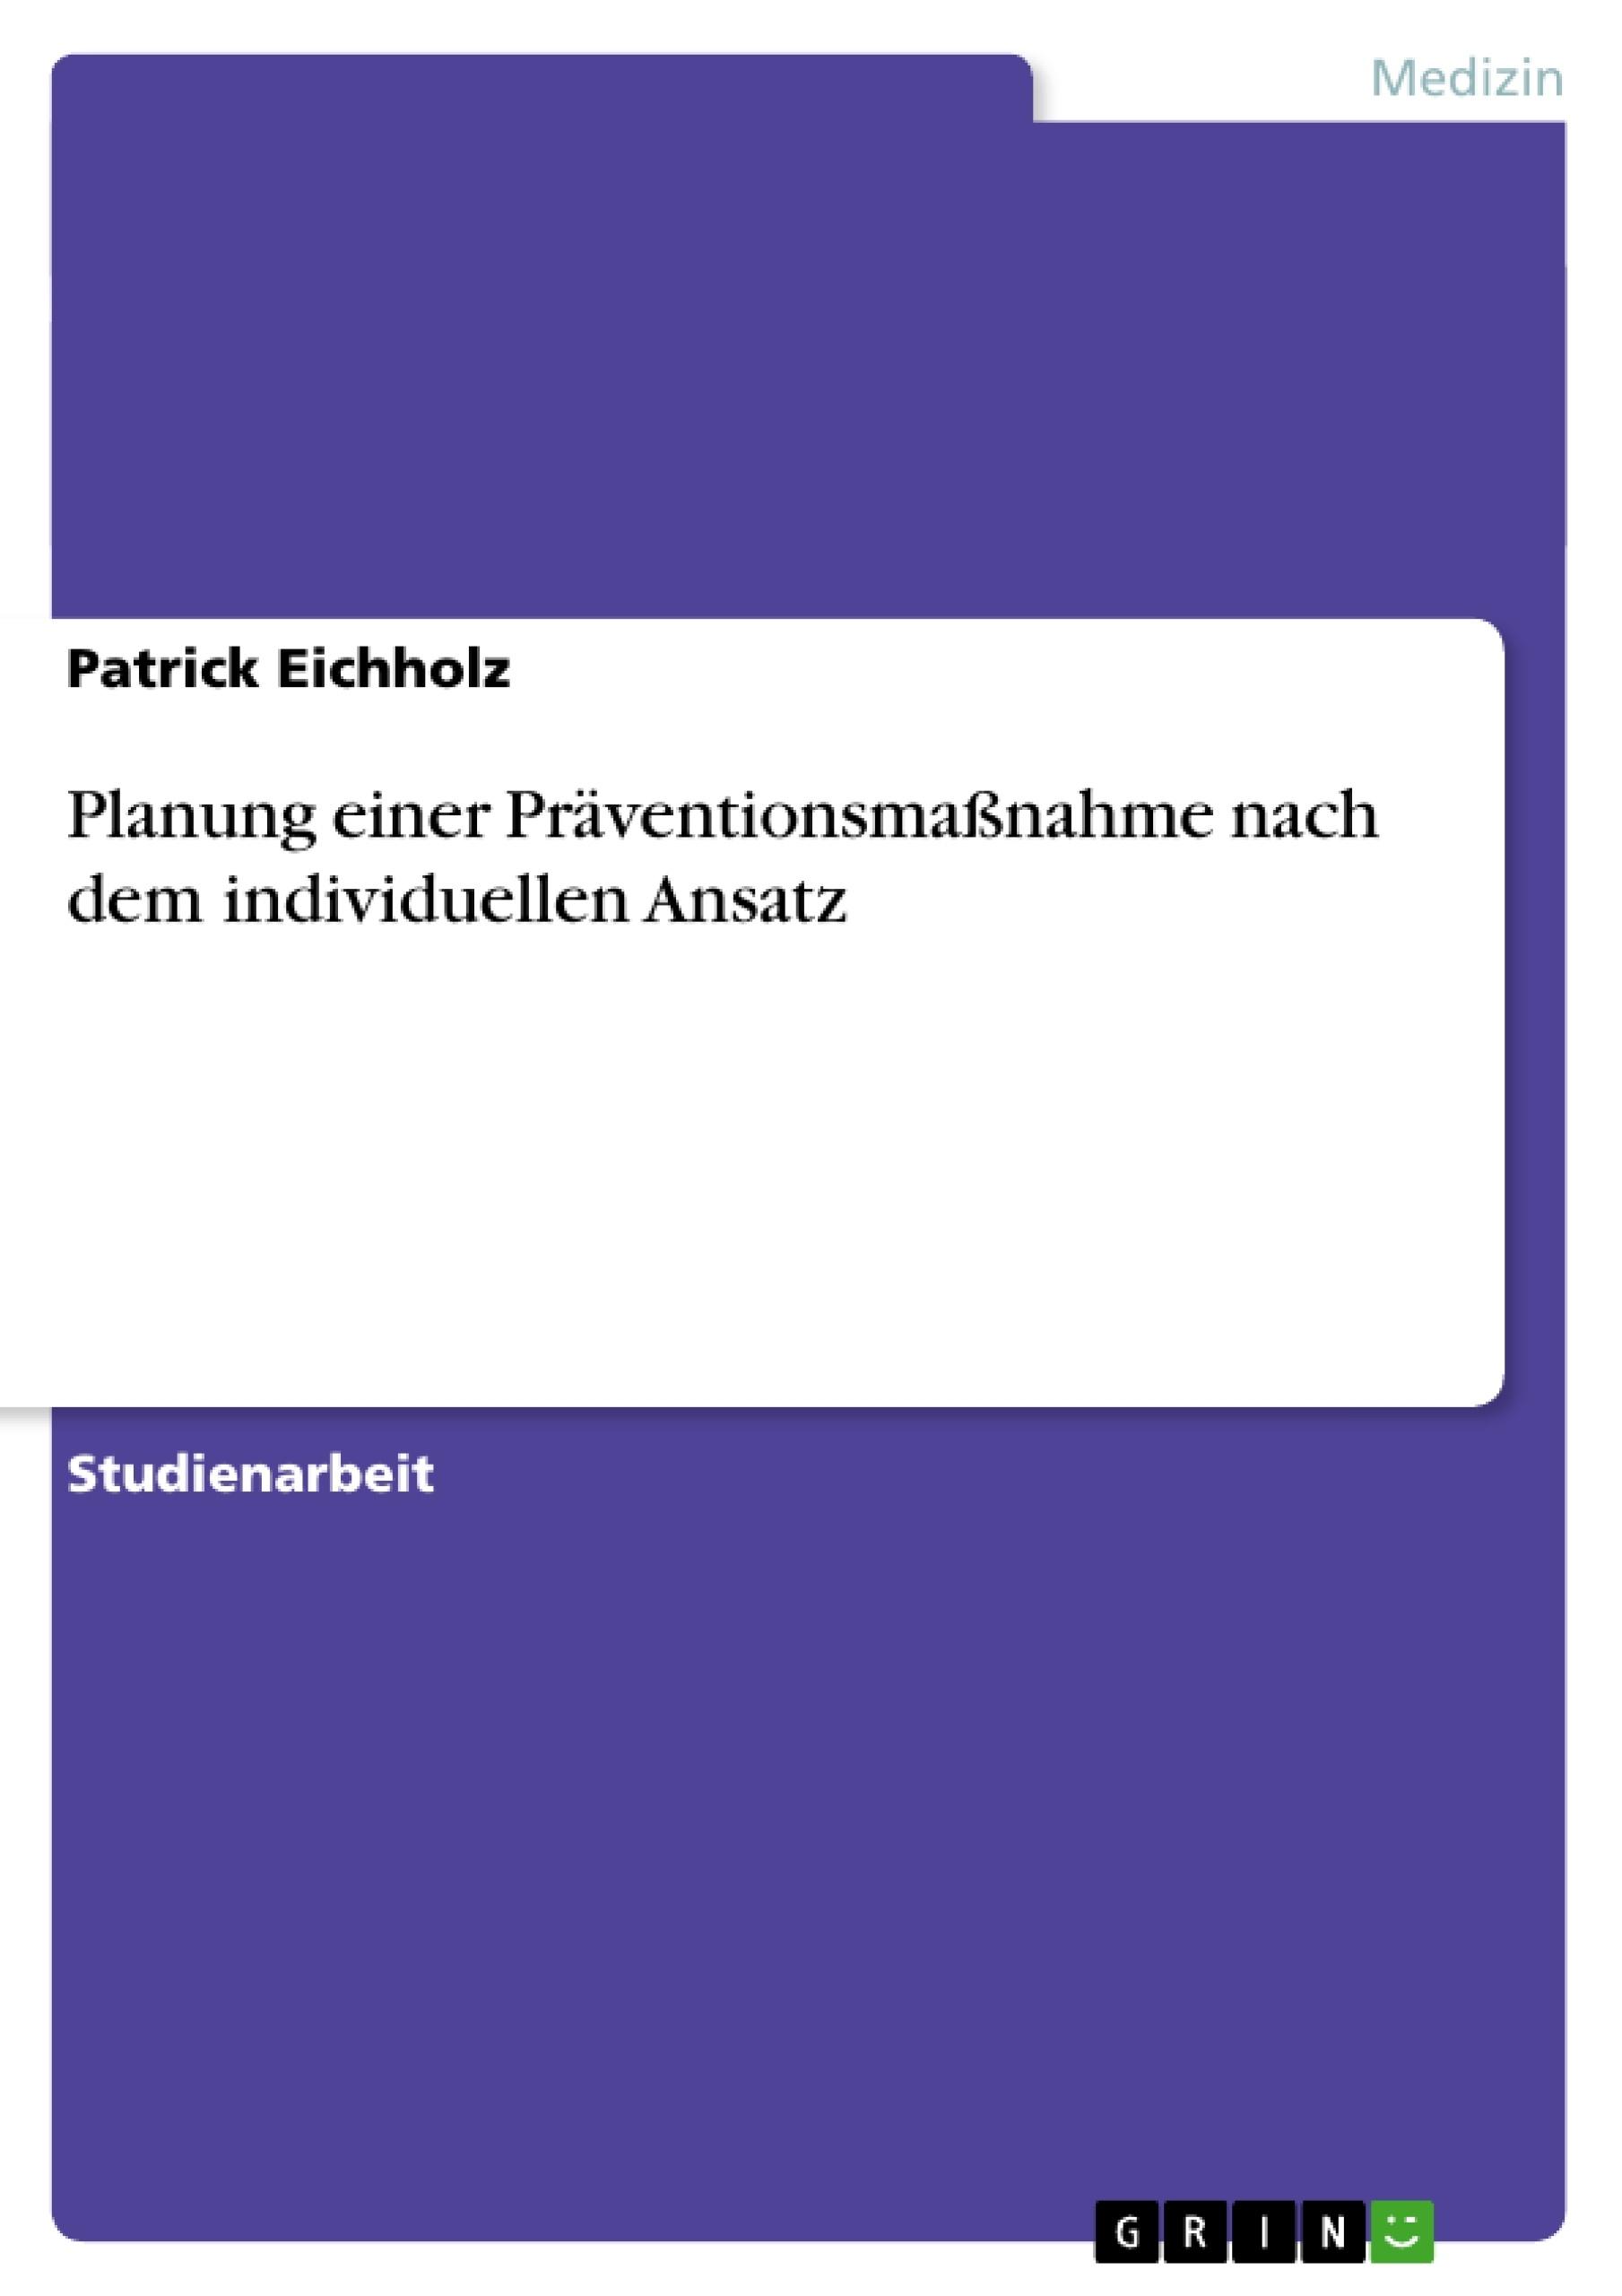 Titel: Planung einer Präventionsmaßnahme nach dem individuellen Ansatz